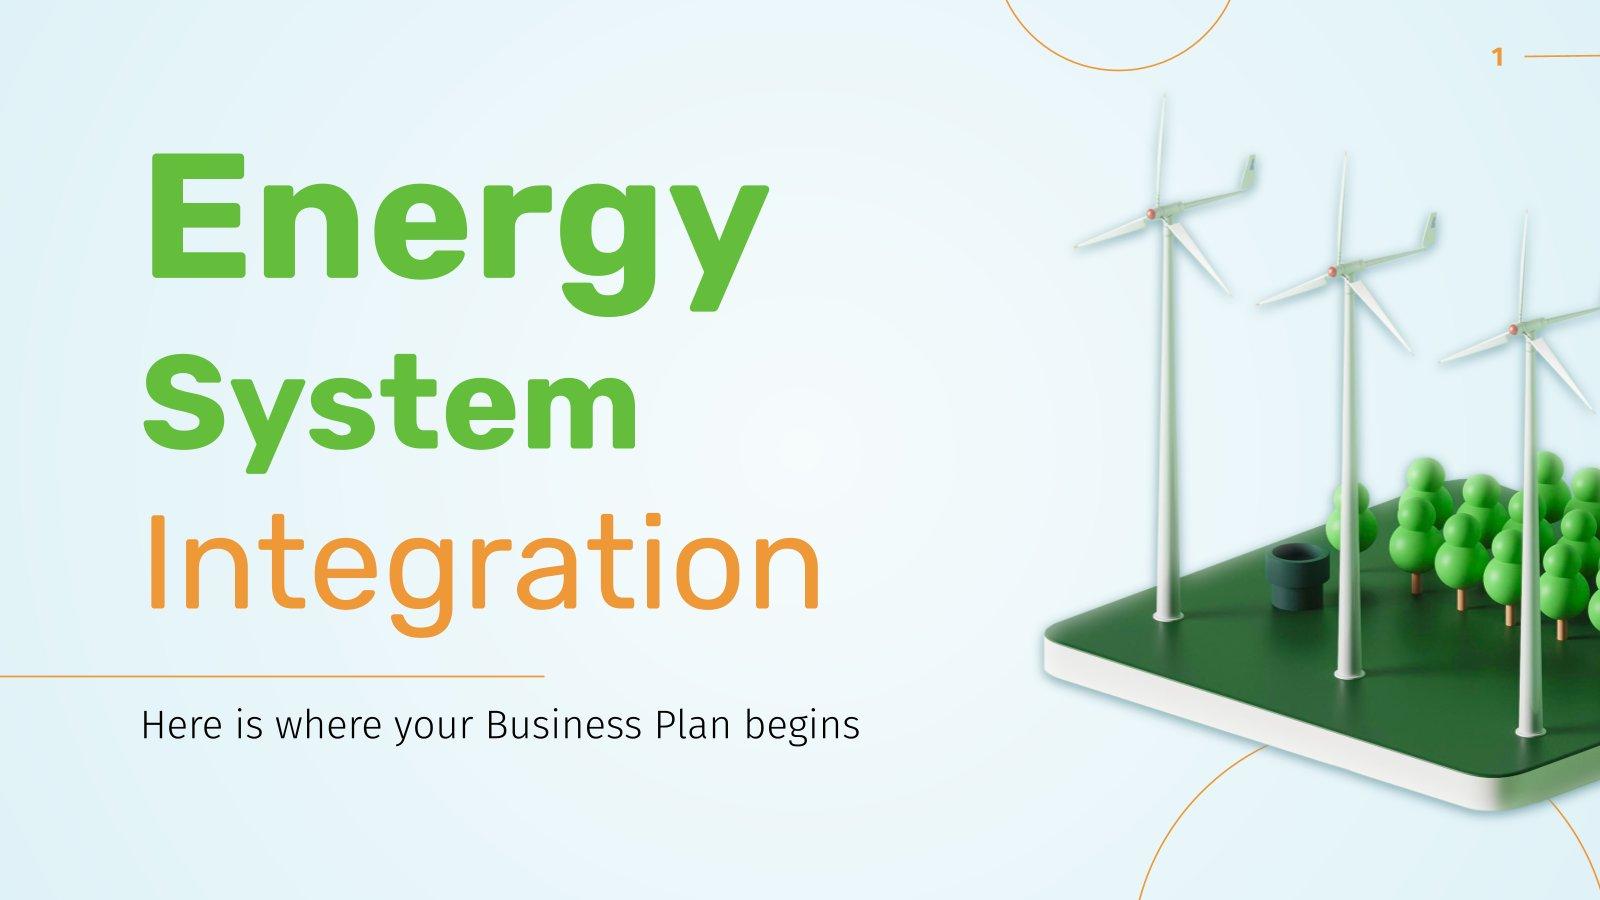 Modelo de apresentação Integração de sistemas de energia para empresas